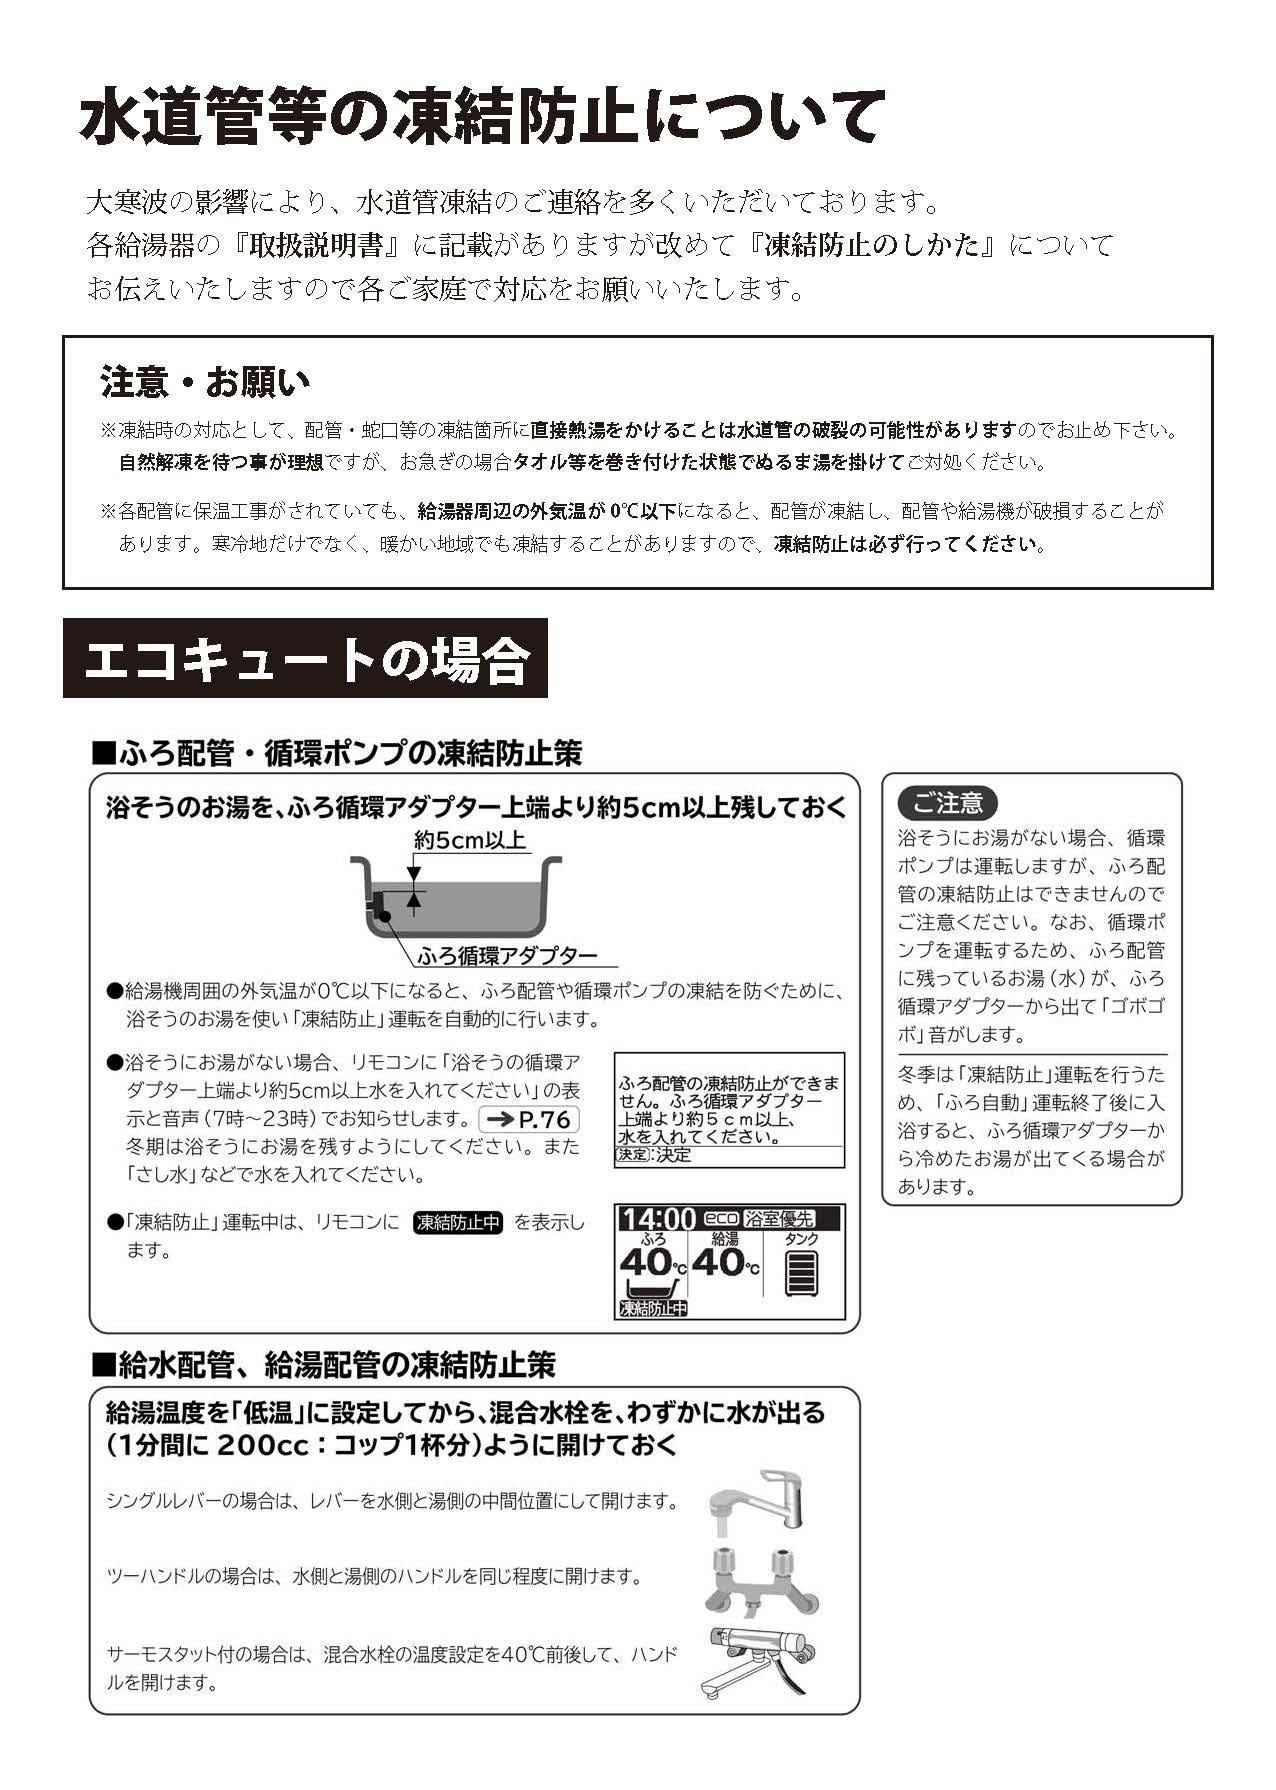 水道管の凍結防止について_ページ_1.jpg